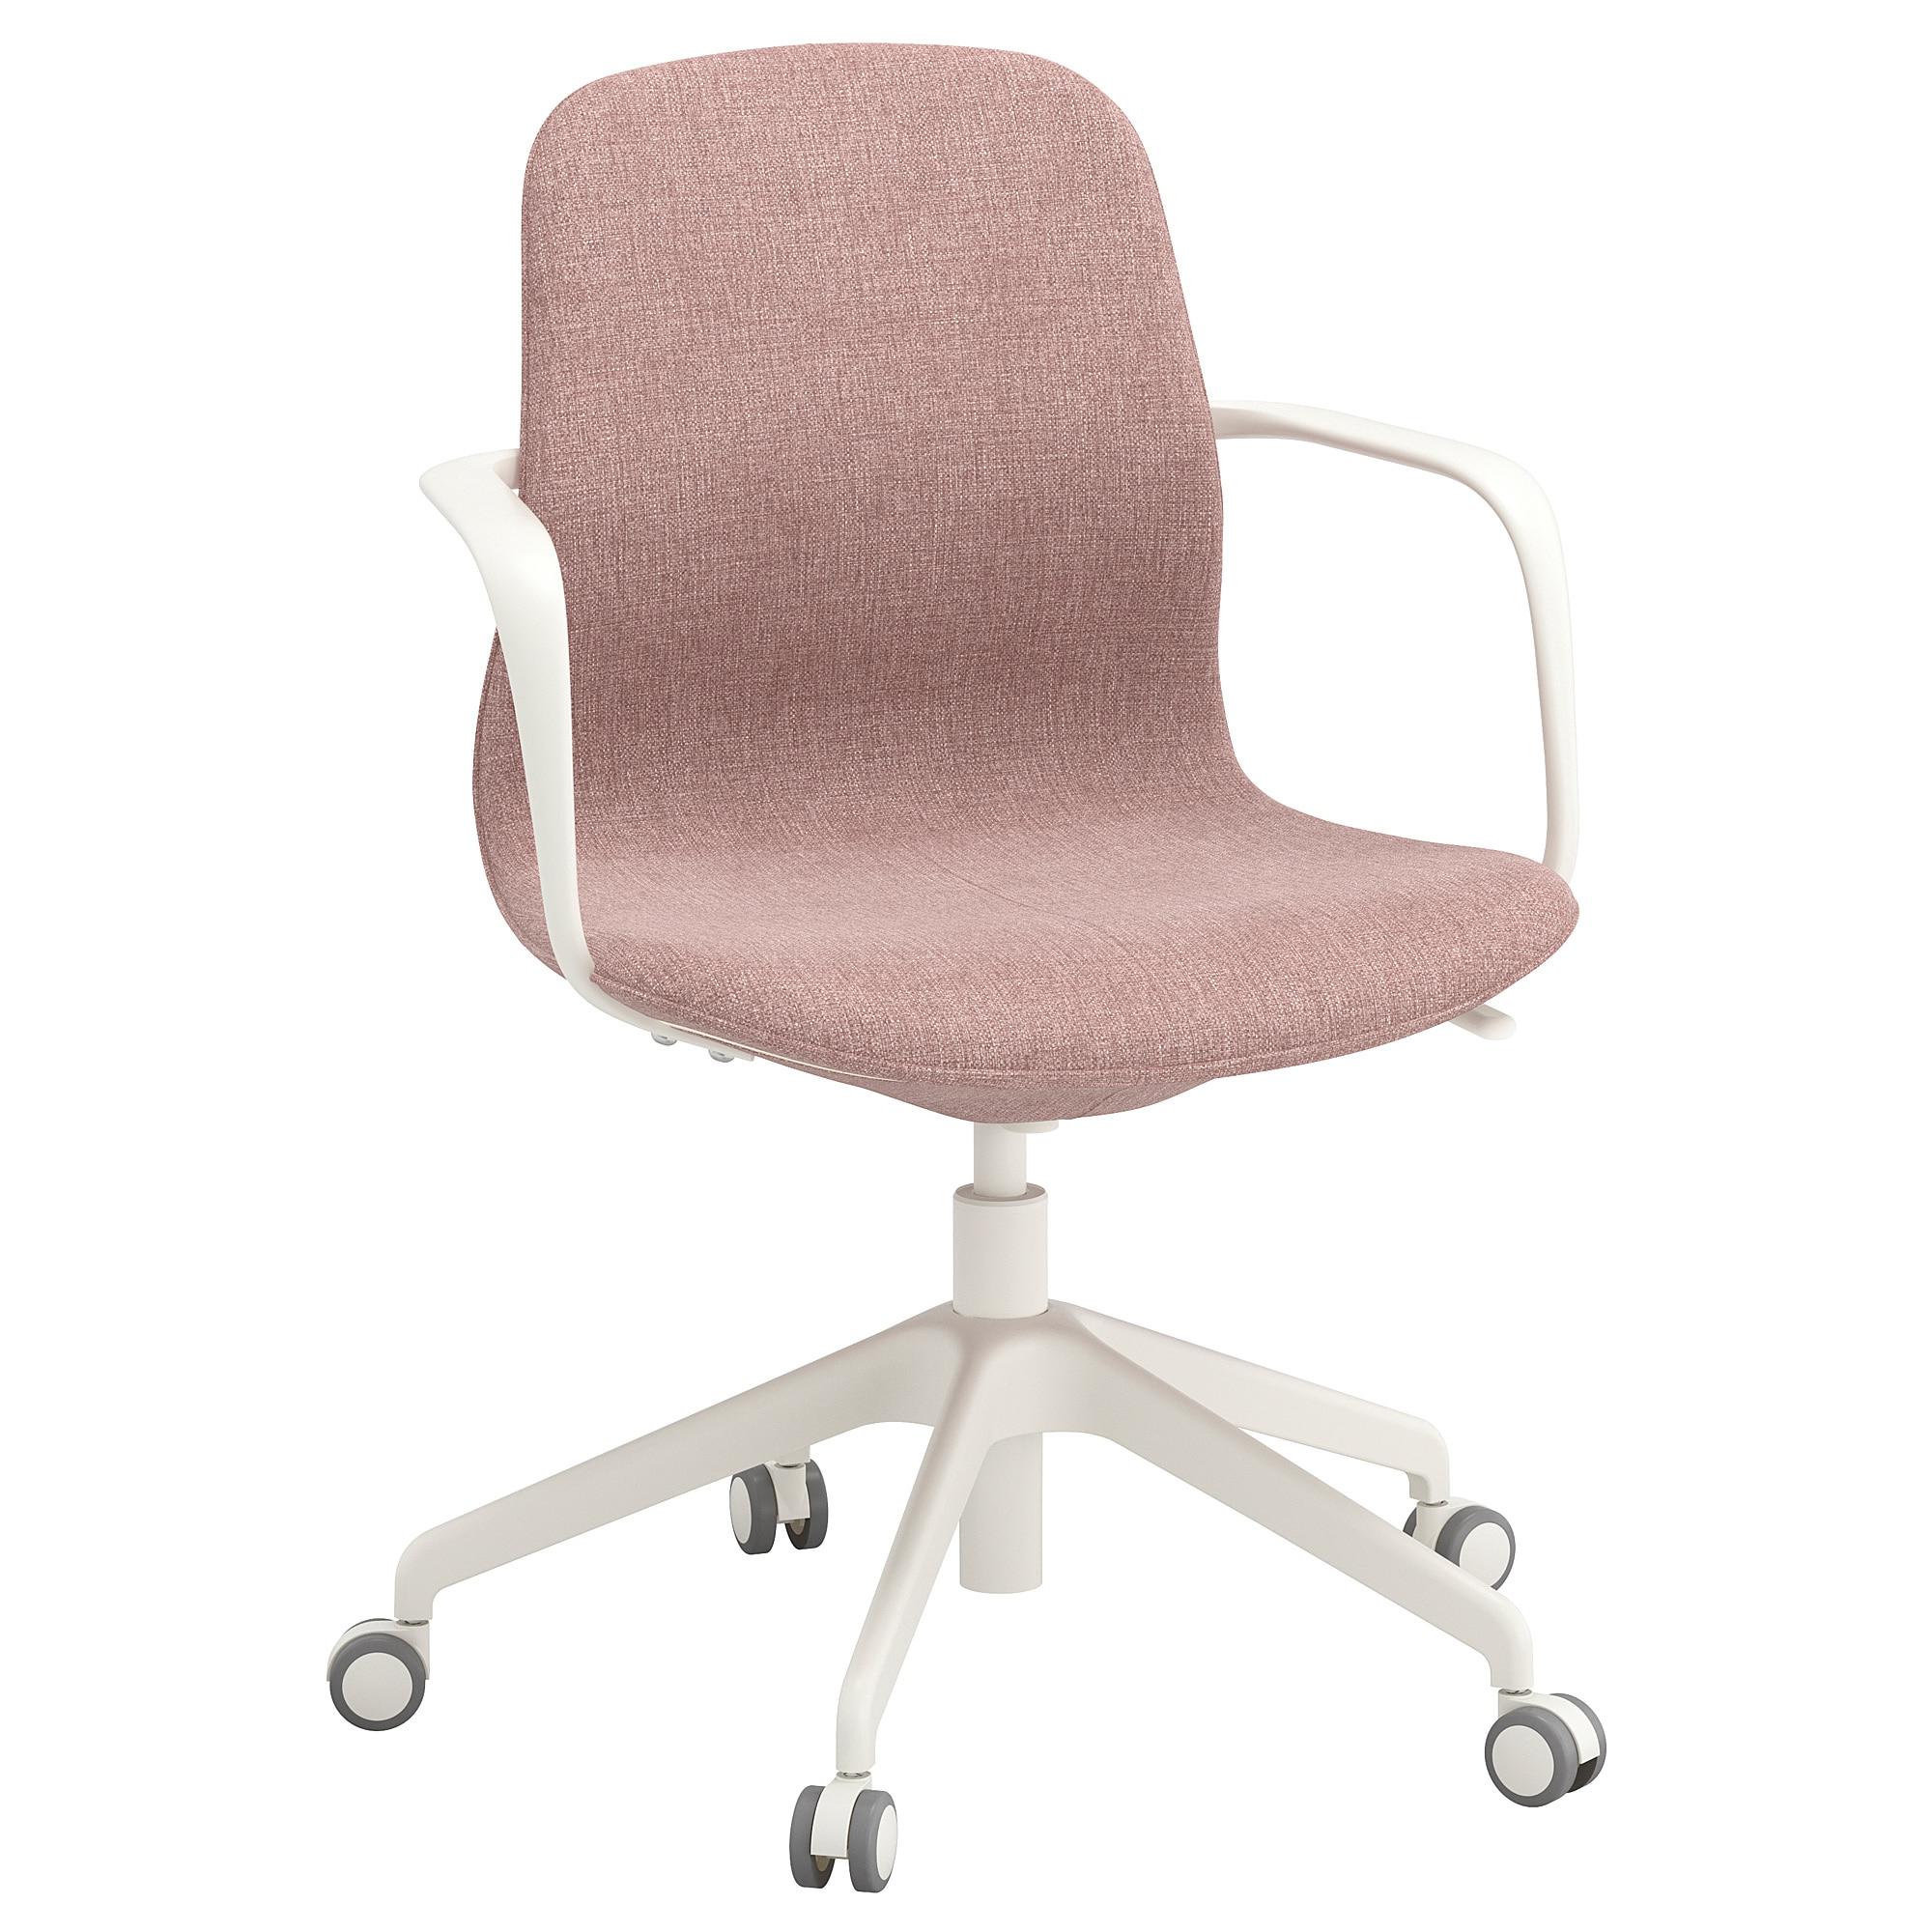 Sillas Despacho Ikea Irdz Sillas De Oficina Y Sillas De Trabajo Pra Online Ikea